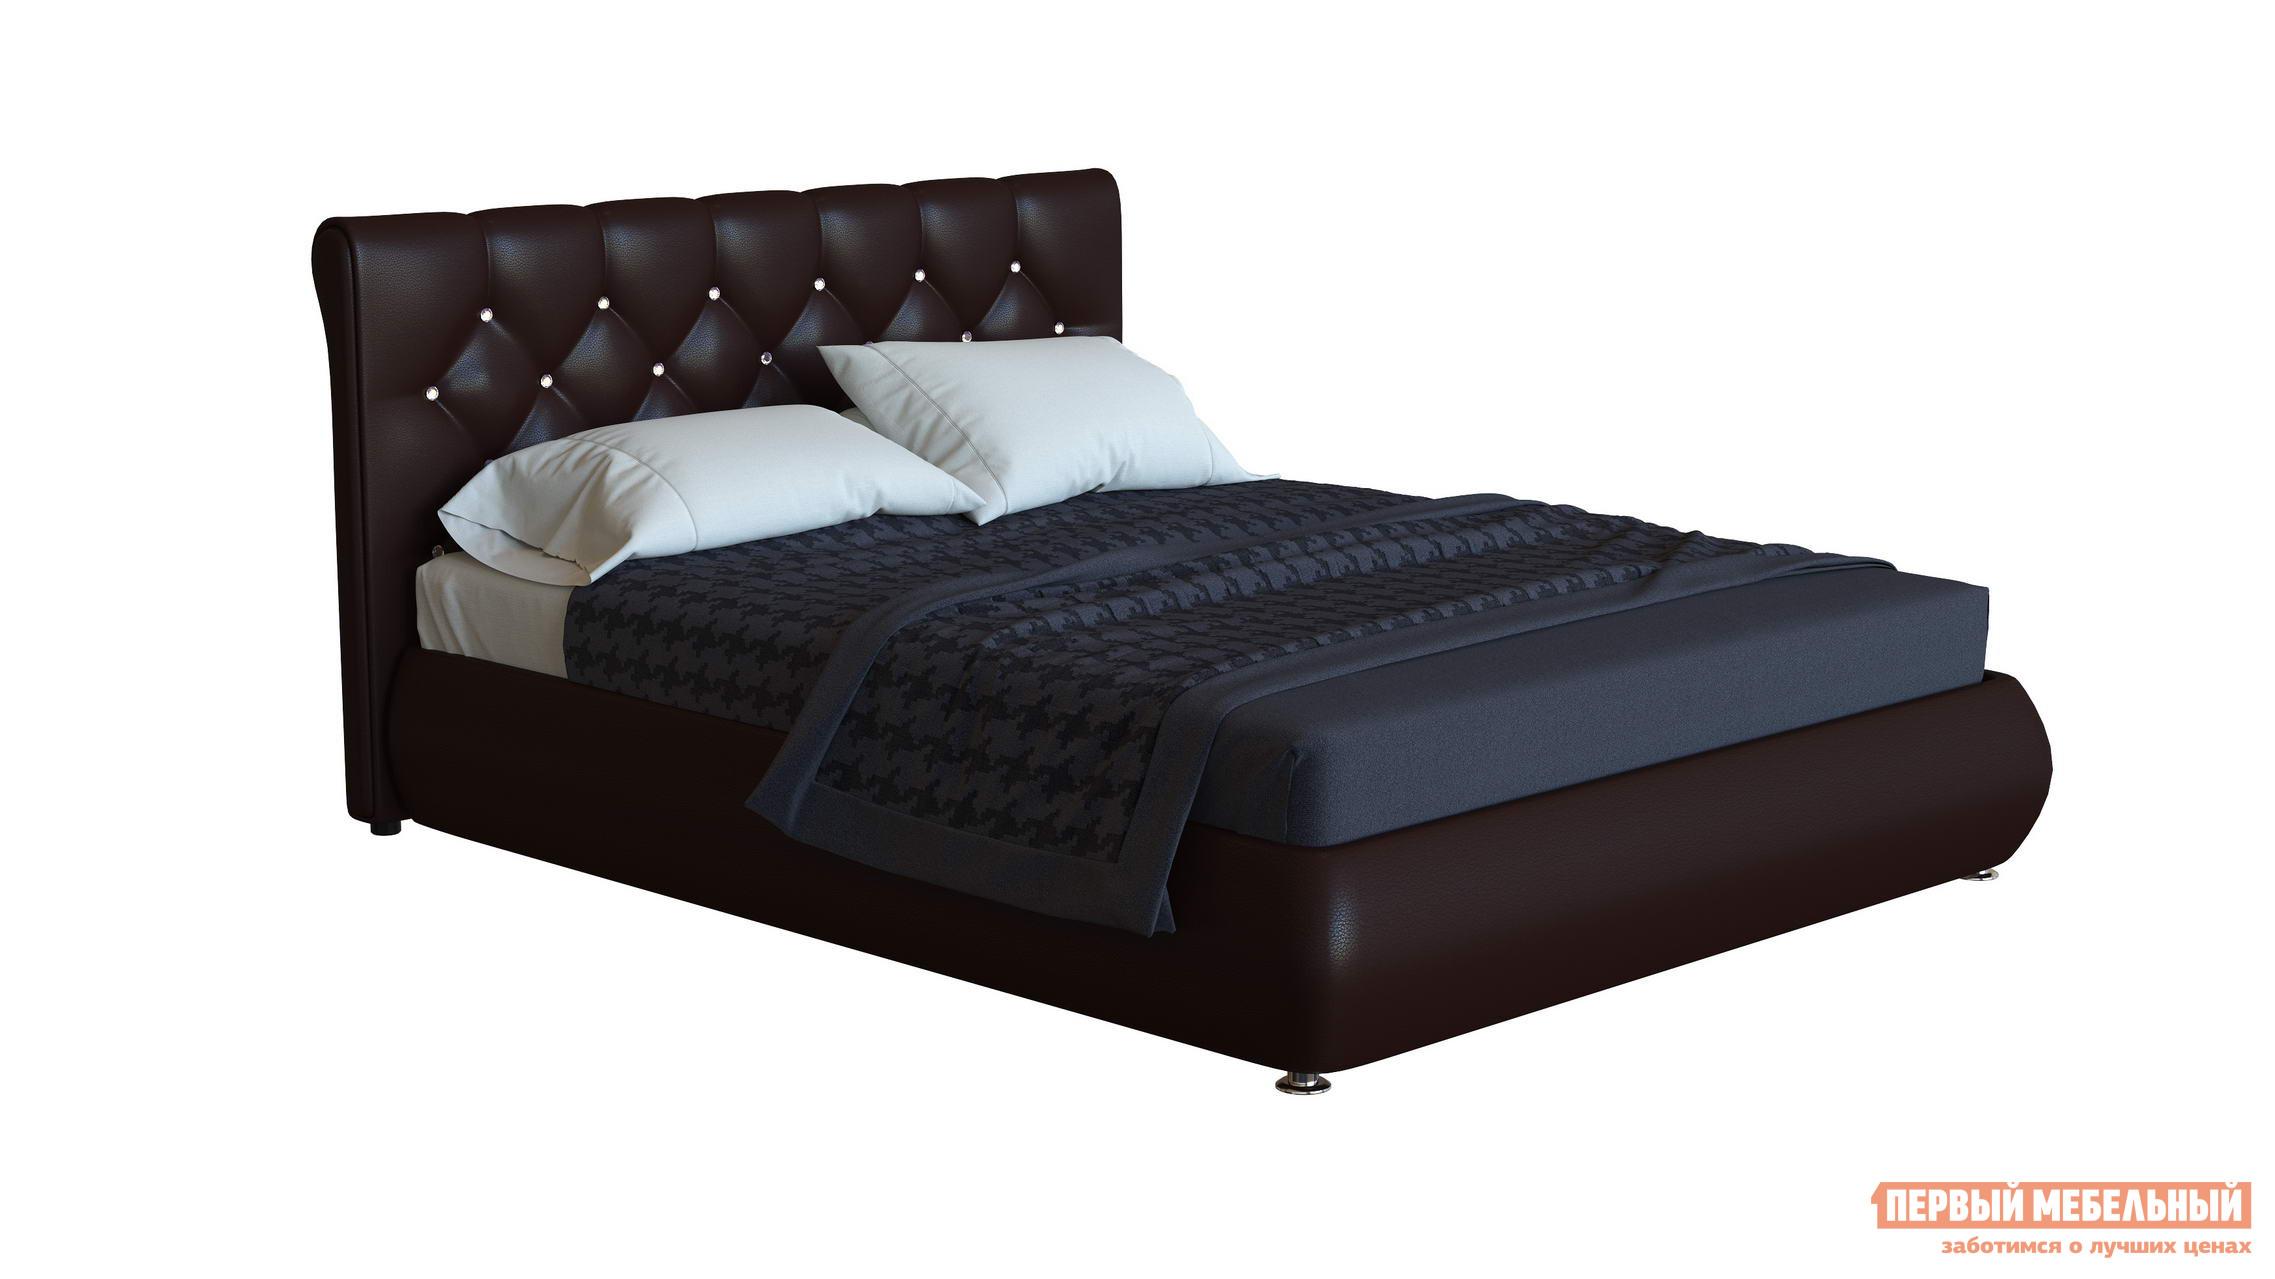 Двуспальная кровать со стразами Первый Мебельный Кровать Джейн декор стразы 140х200, 160х200, 180х200 двуспальная кровать первый мебельный кровать мерлен 140х200 160х200 180х200